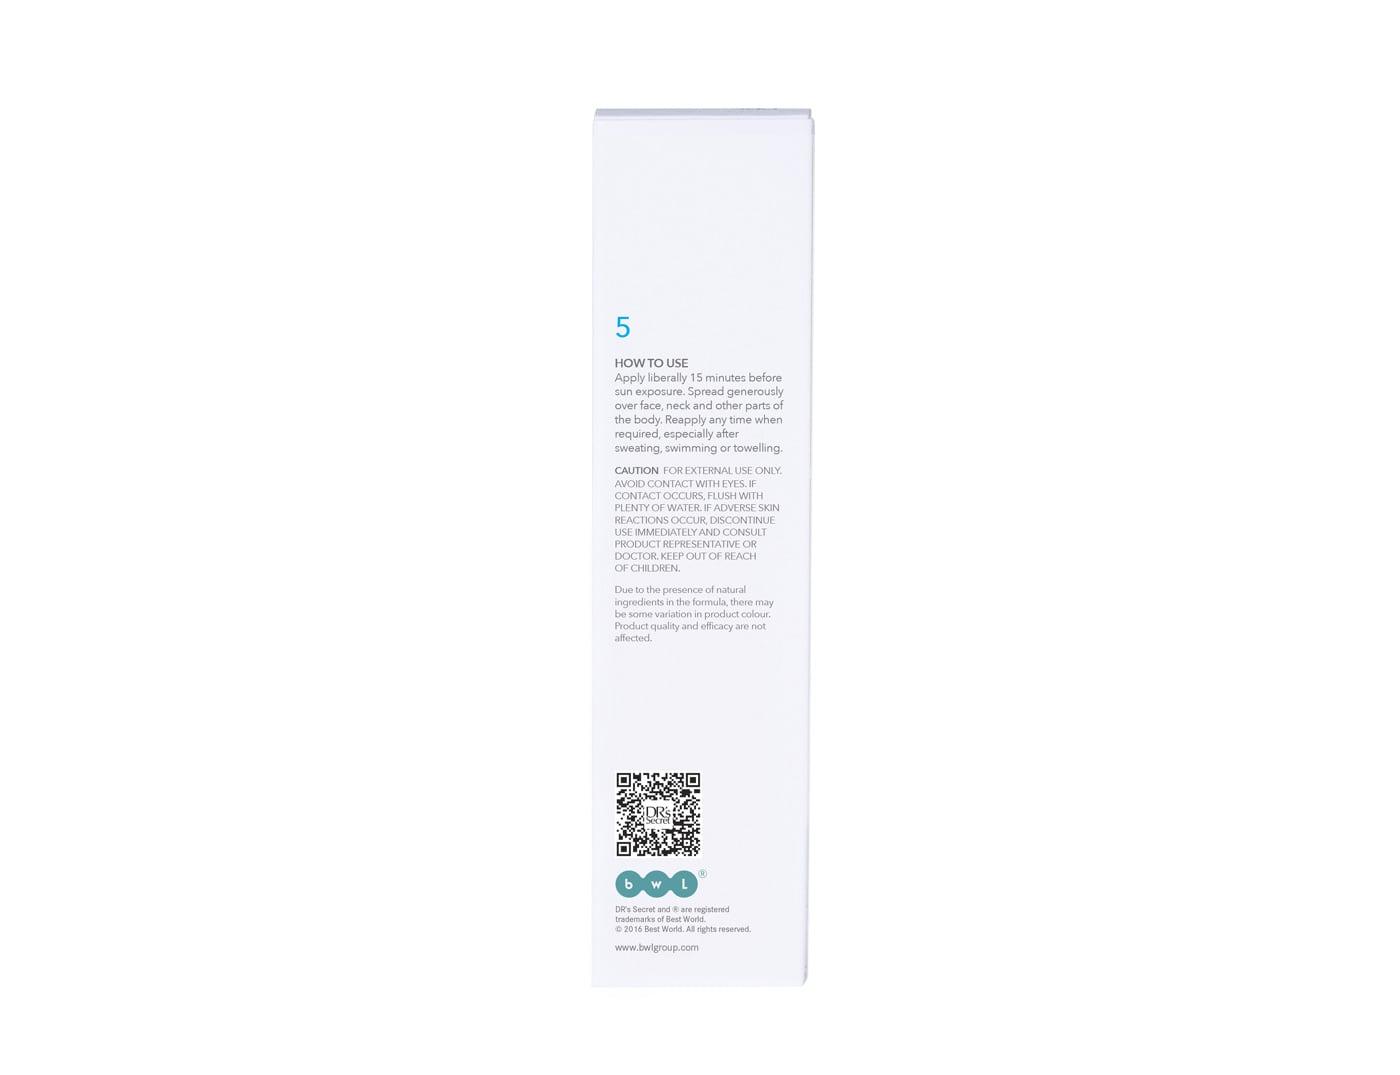 DR's Secret Sunscreen 5 box back packaging